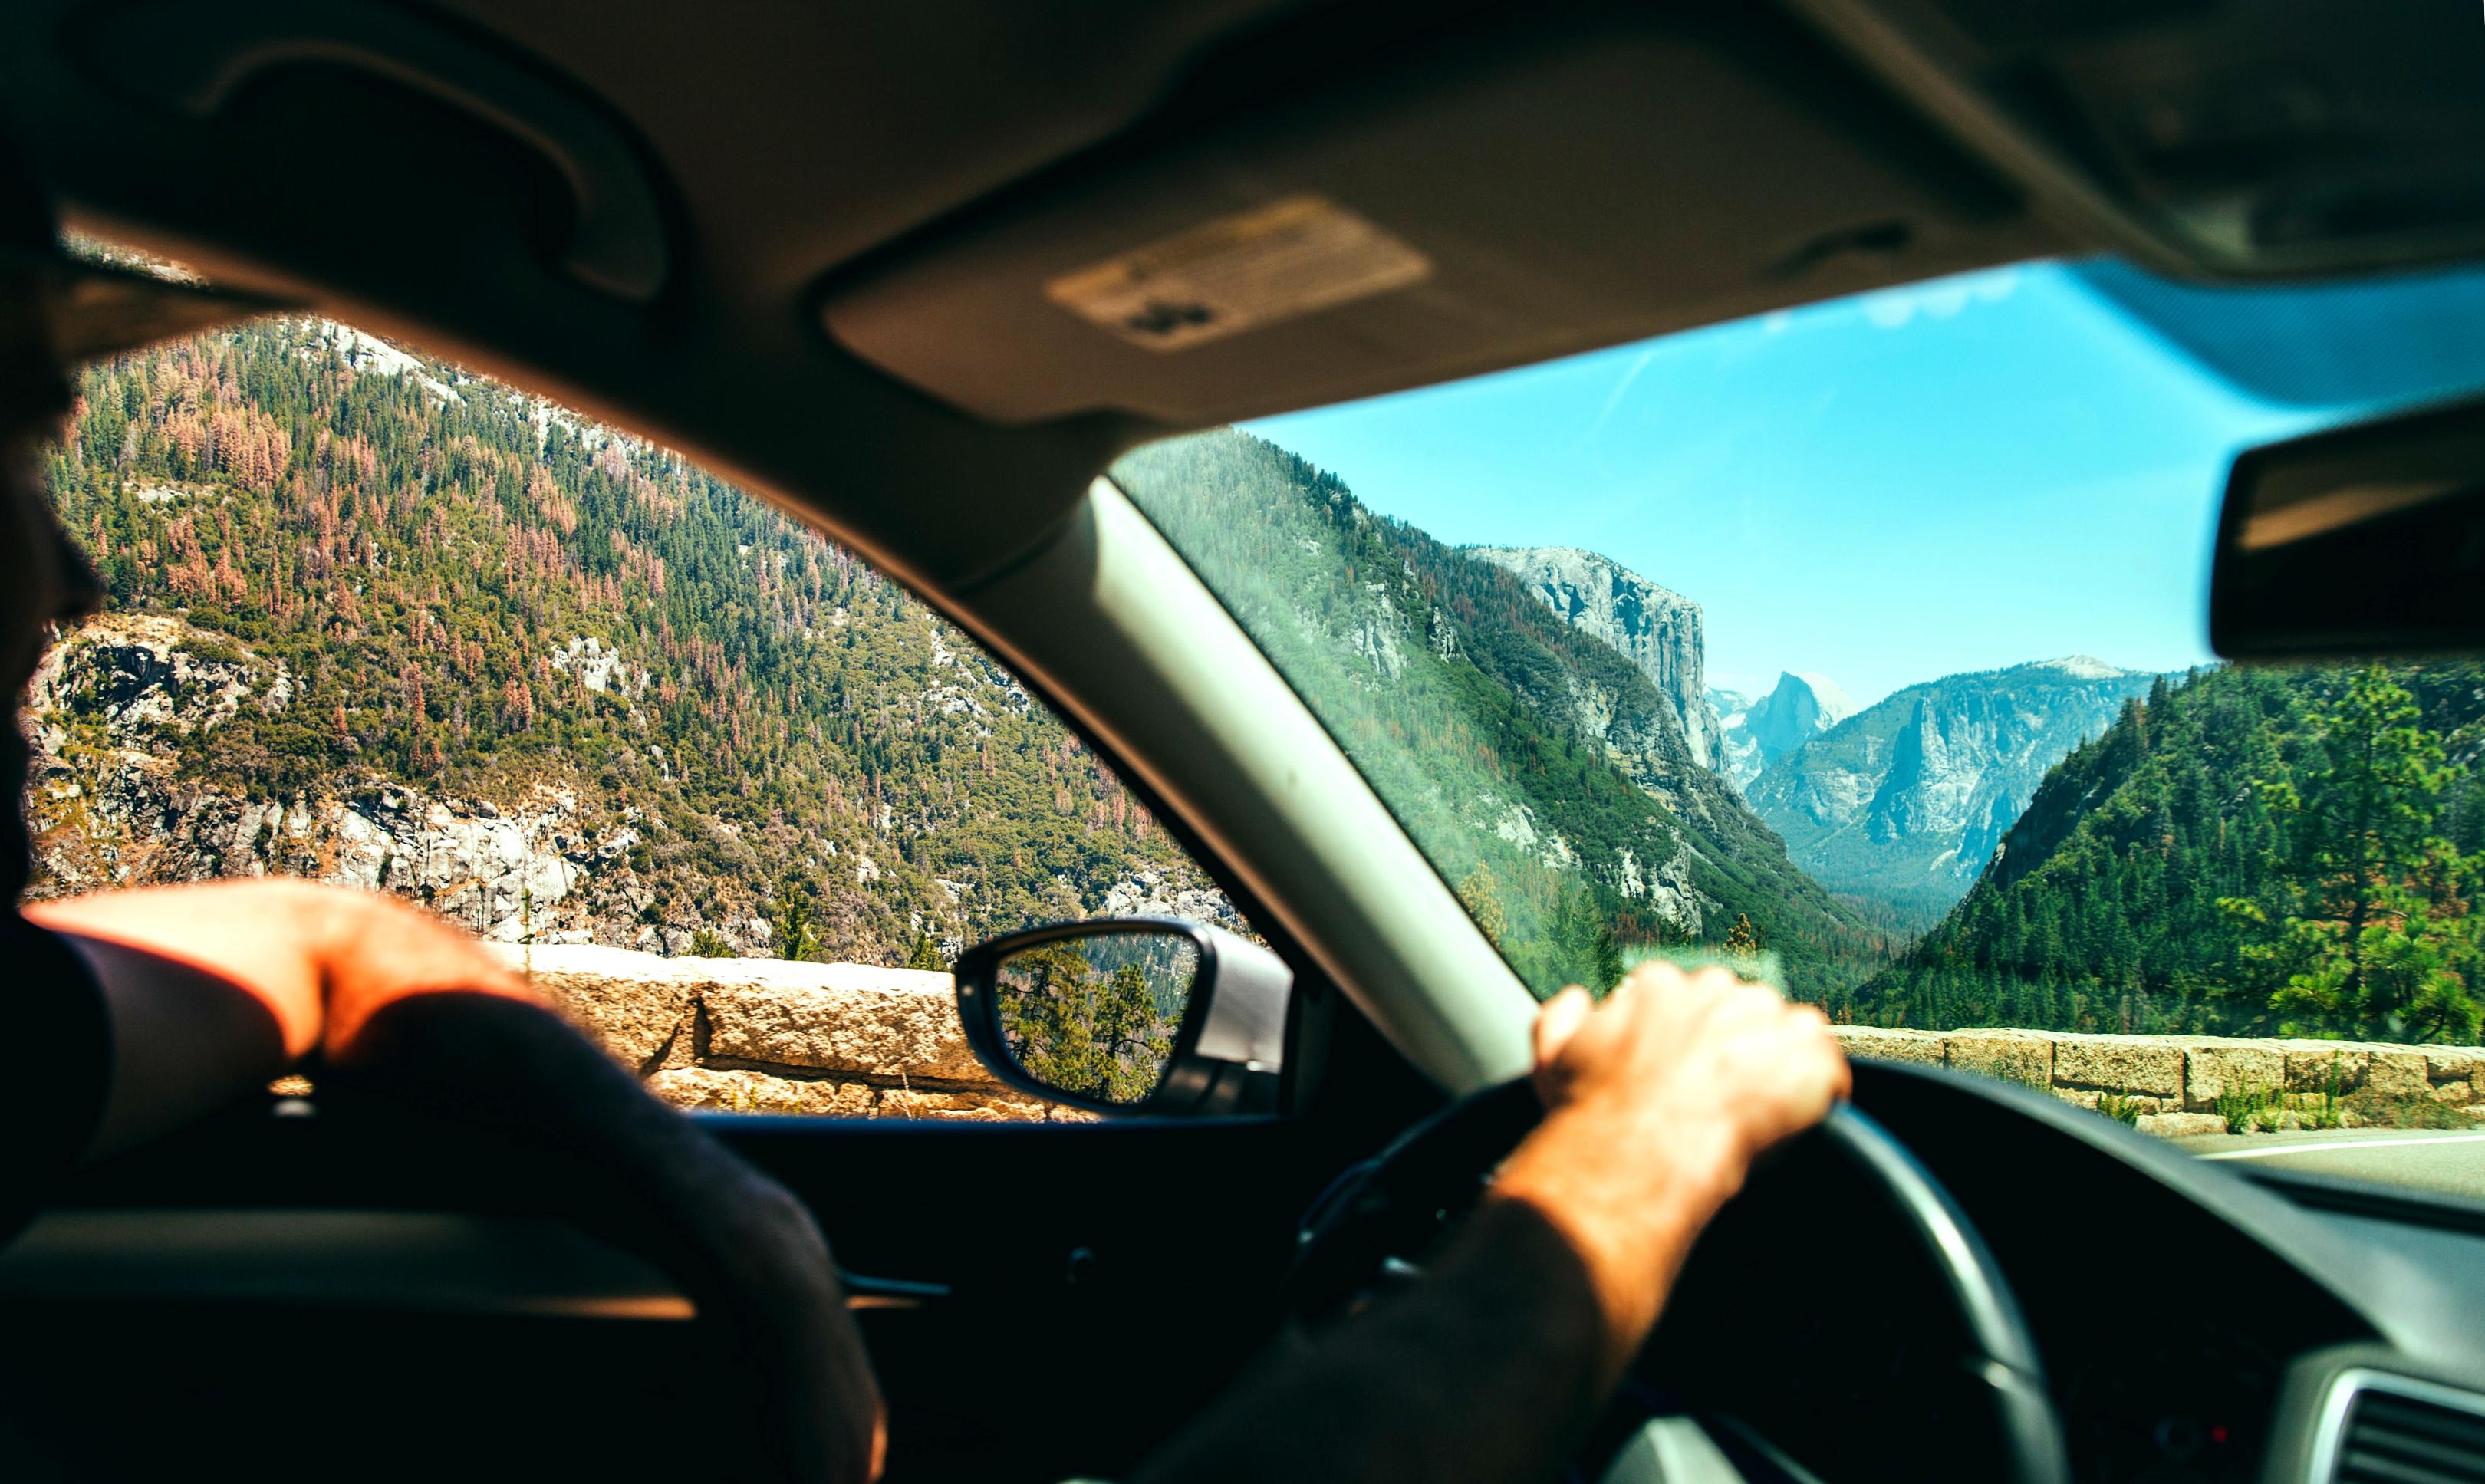 Плейлист для автомобильных путешествий